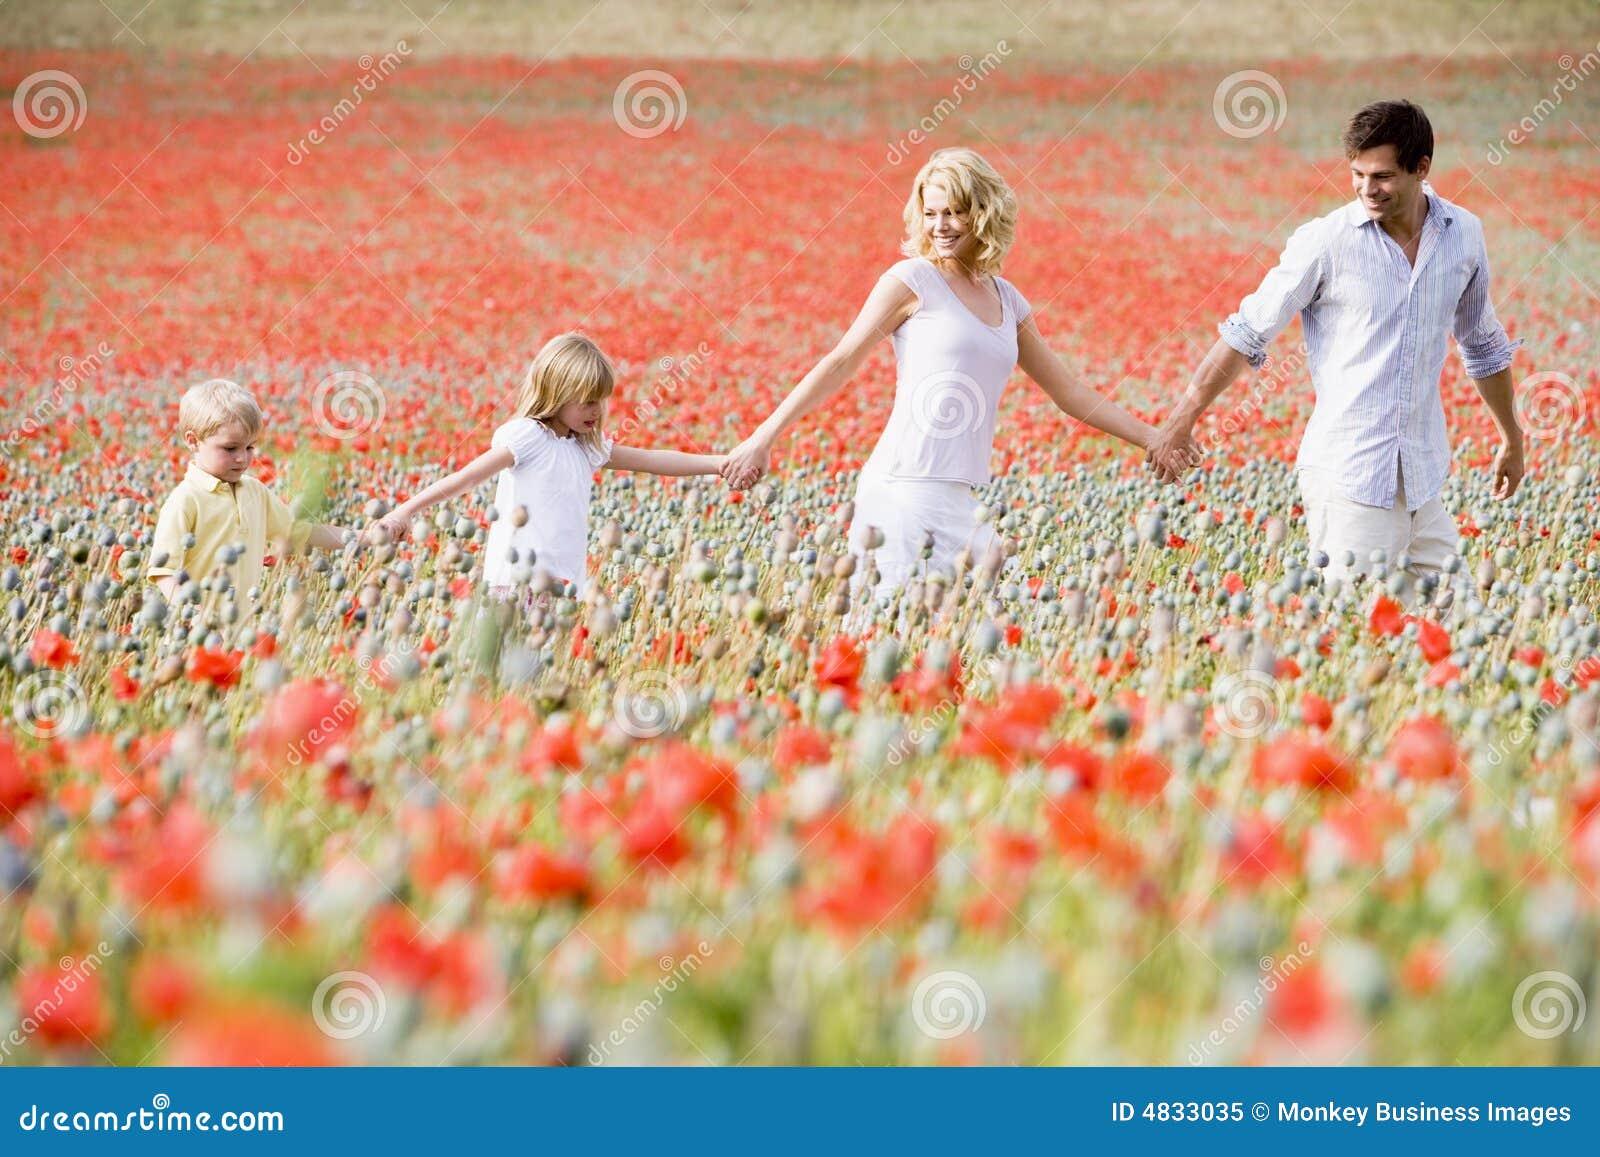 Family field poppy walking